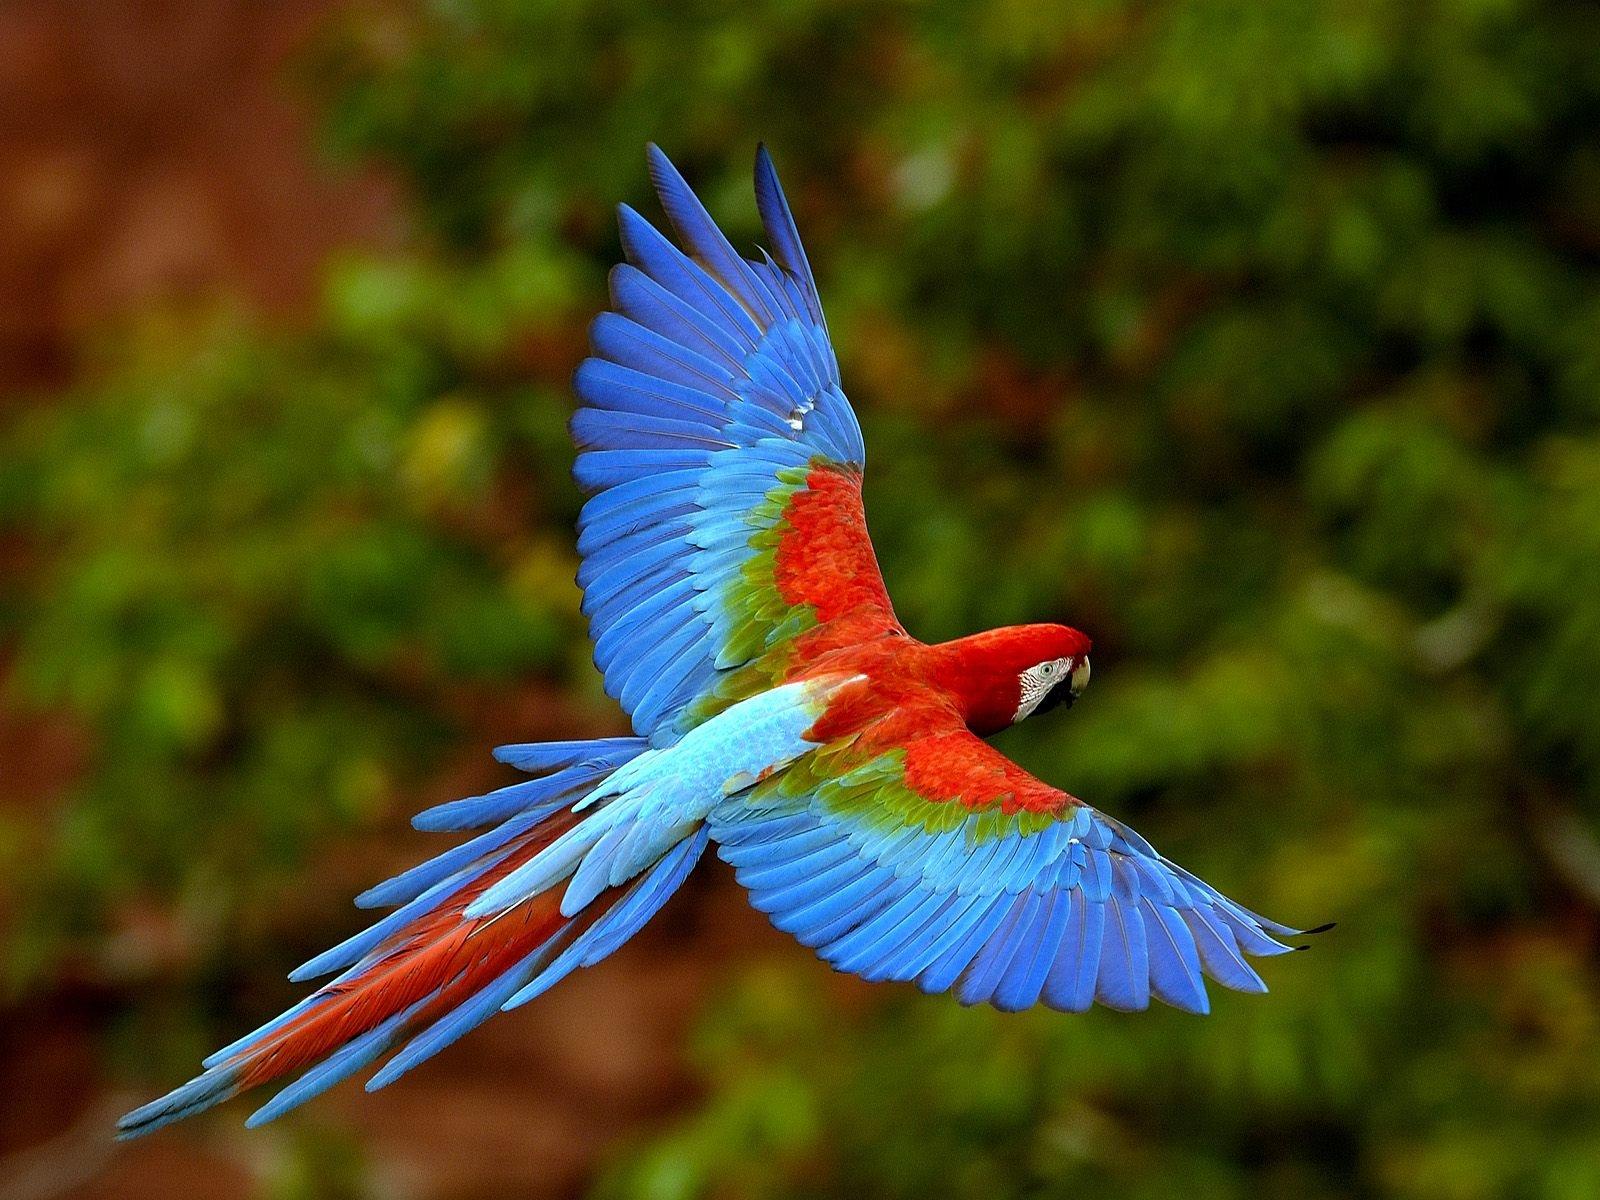 Animals Wallpapers Birds Wallpapers HD Desktop Backgrounds Images 1600x1200